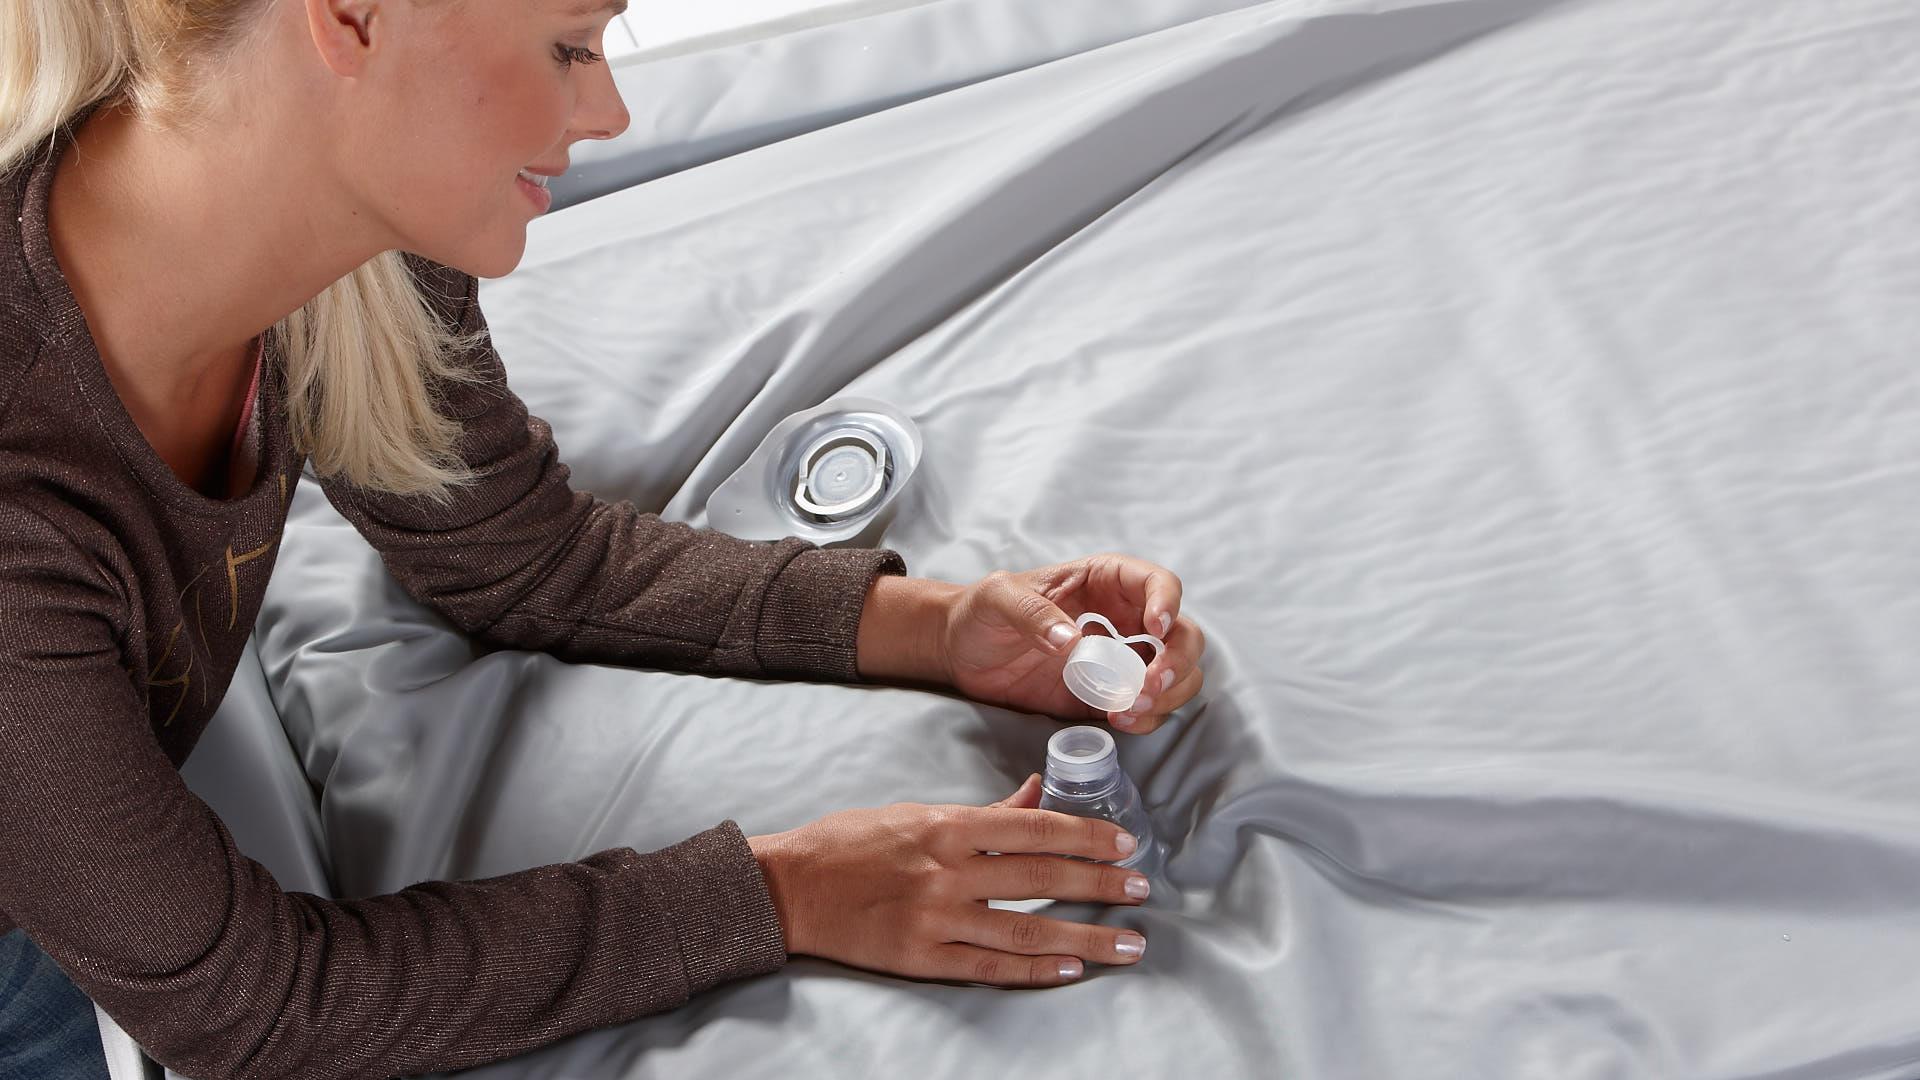 Wasserbett Einbau Verschlussdeckel aufsetzen